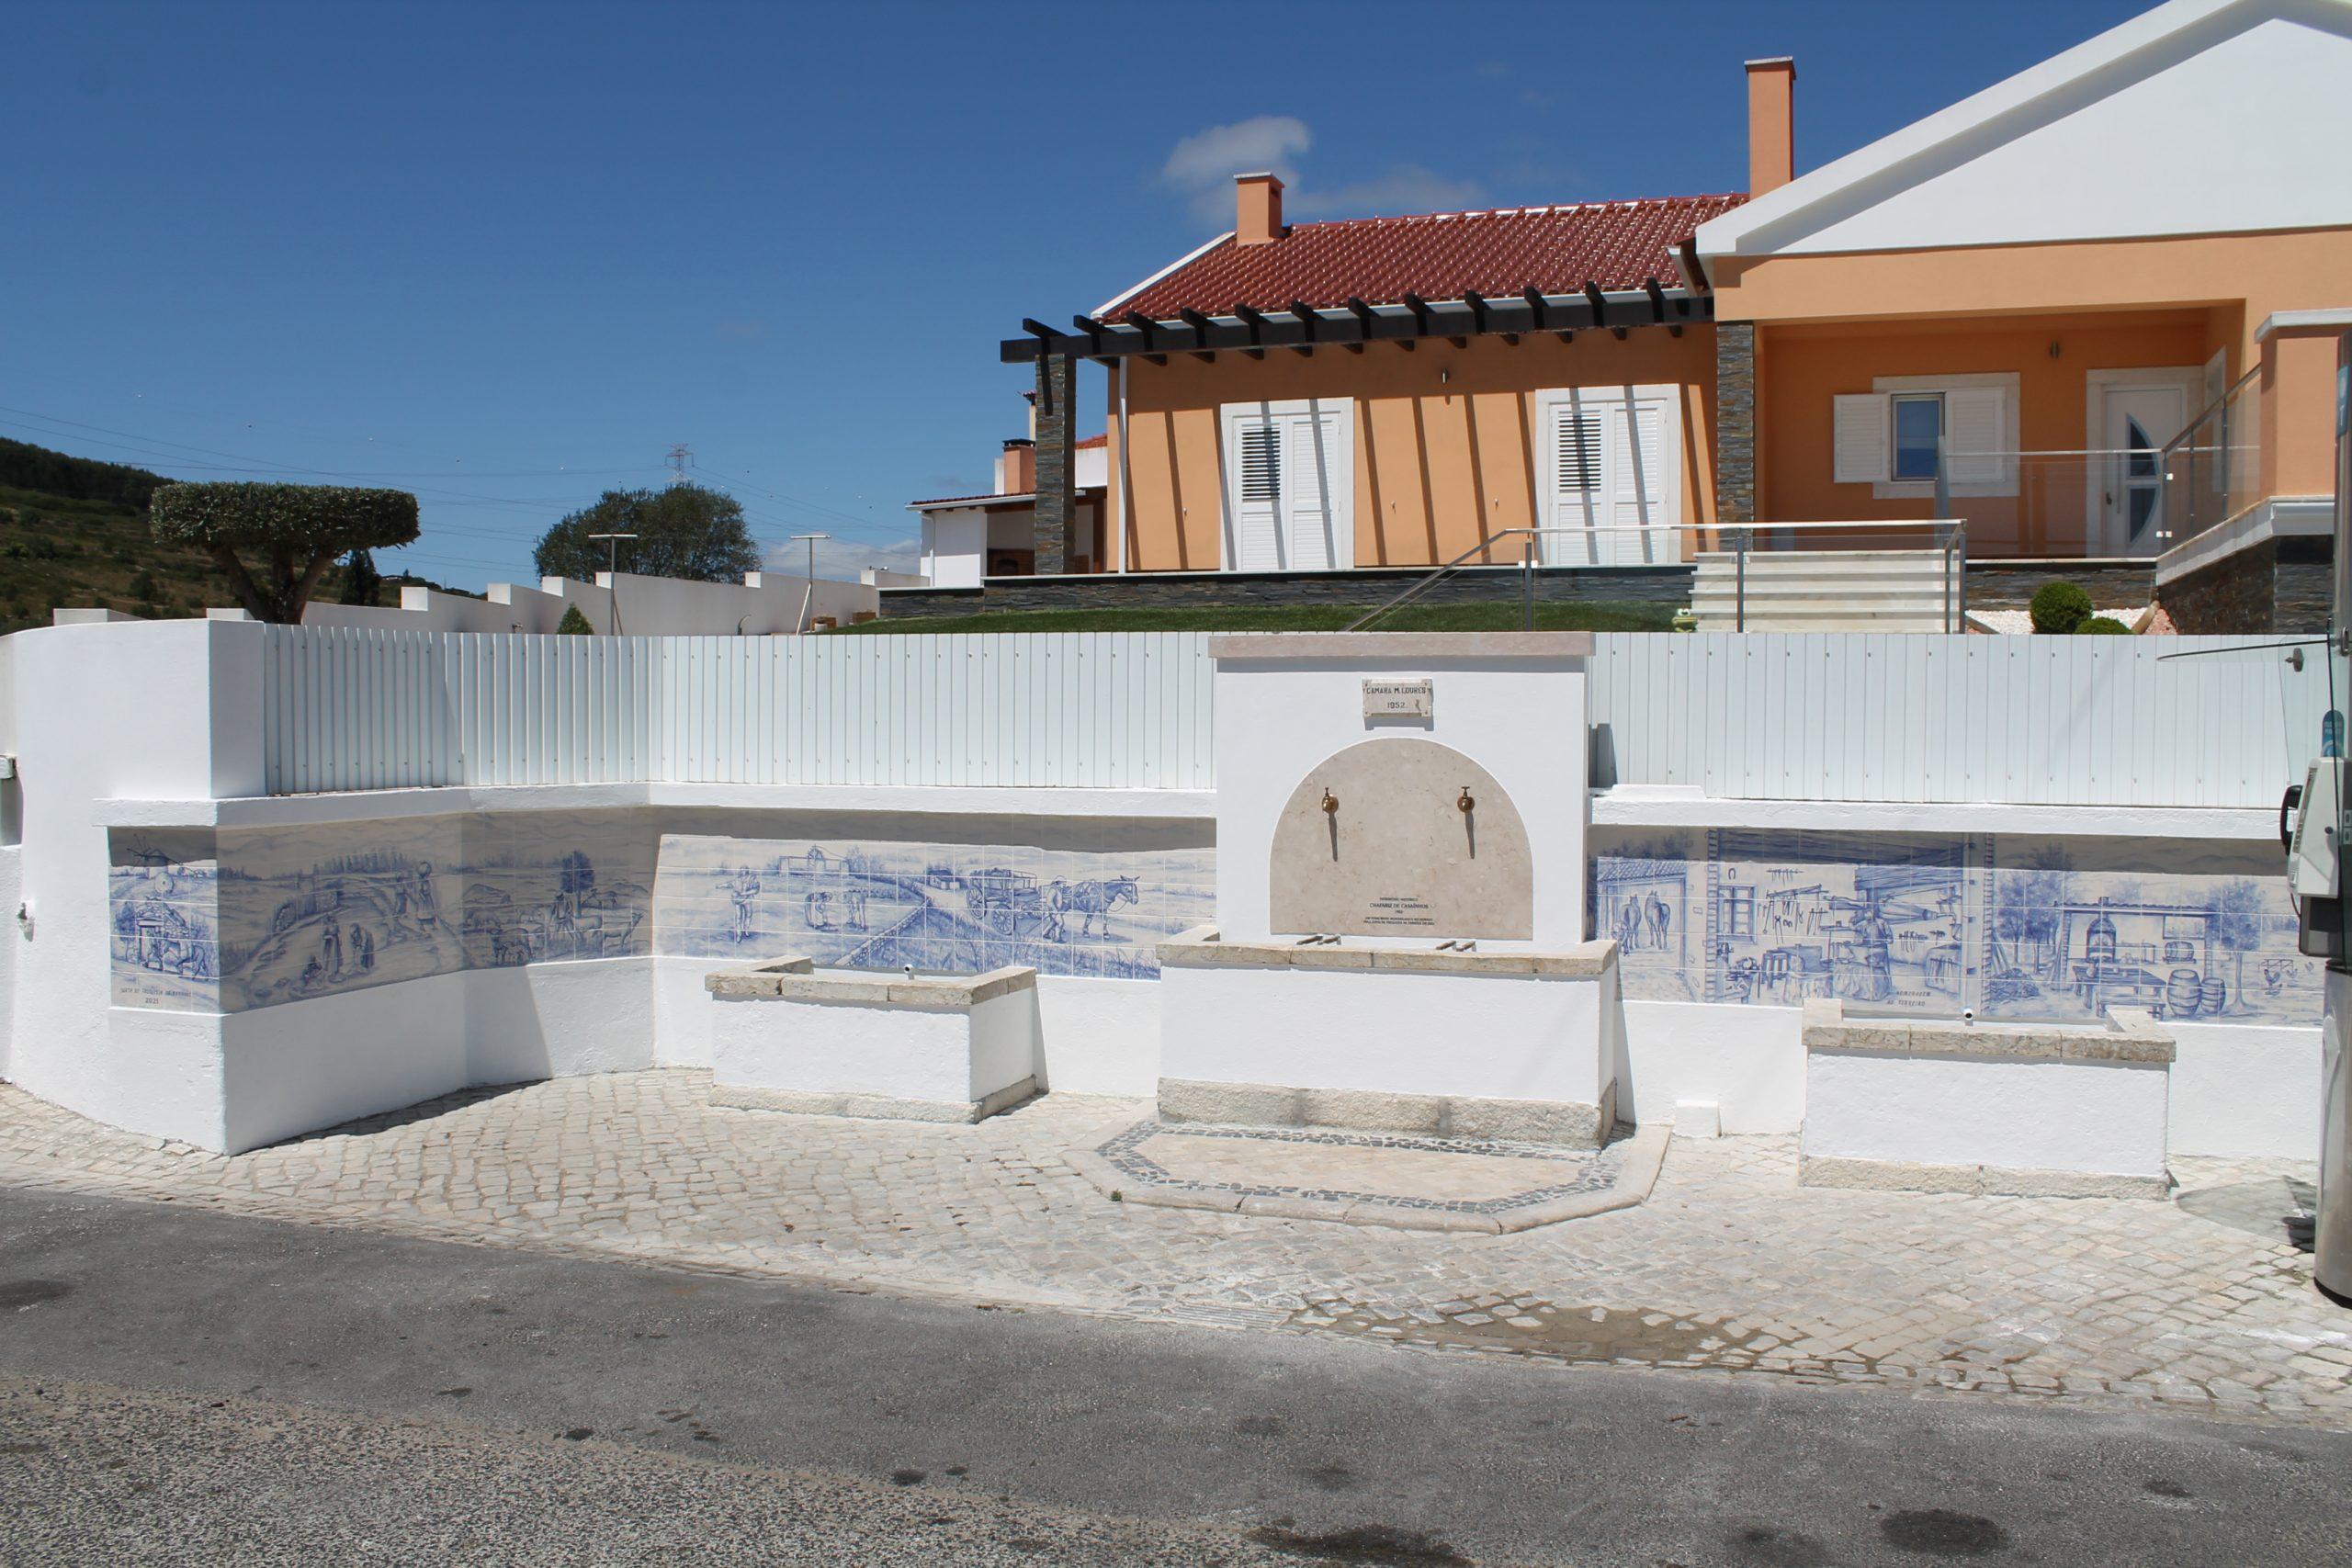 Casaínhos -(c) Chafariz de Casaínhos – Remodelação geral, dignificação e embelezamento deste Património Histórico.